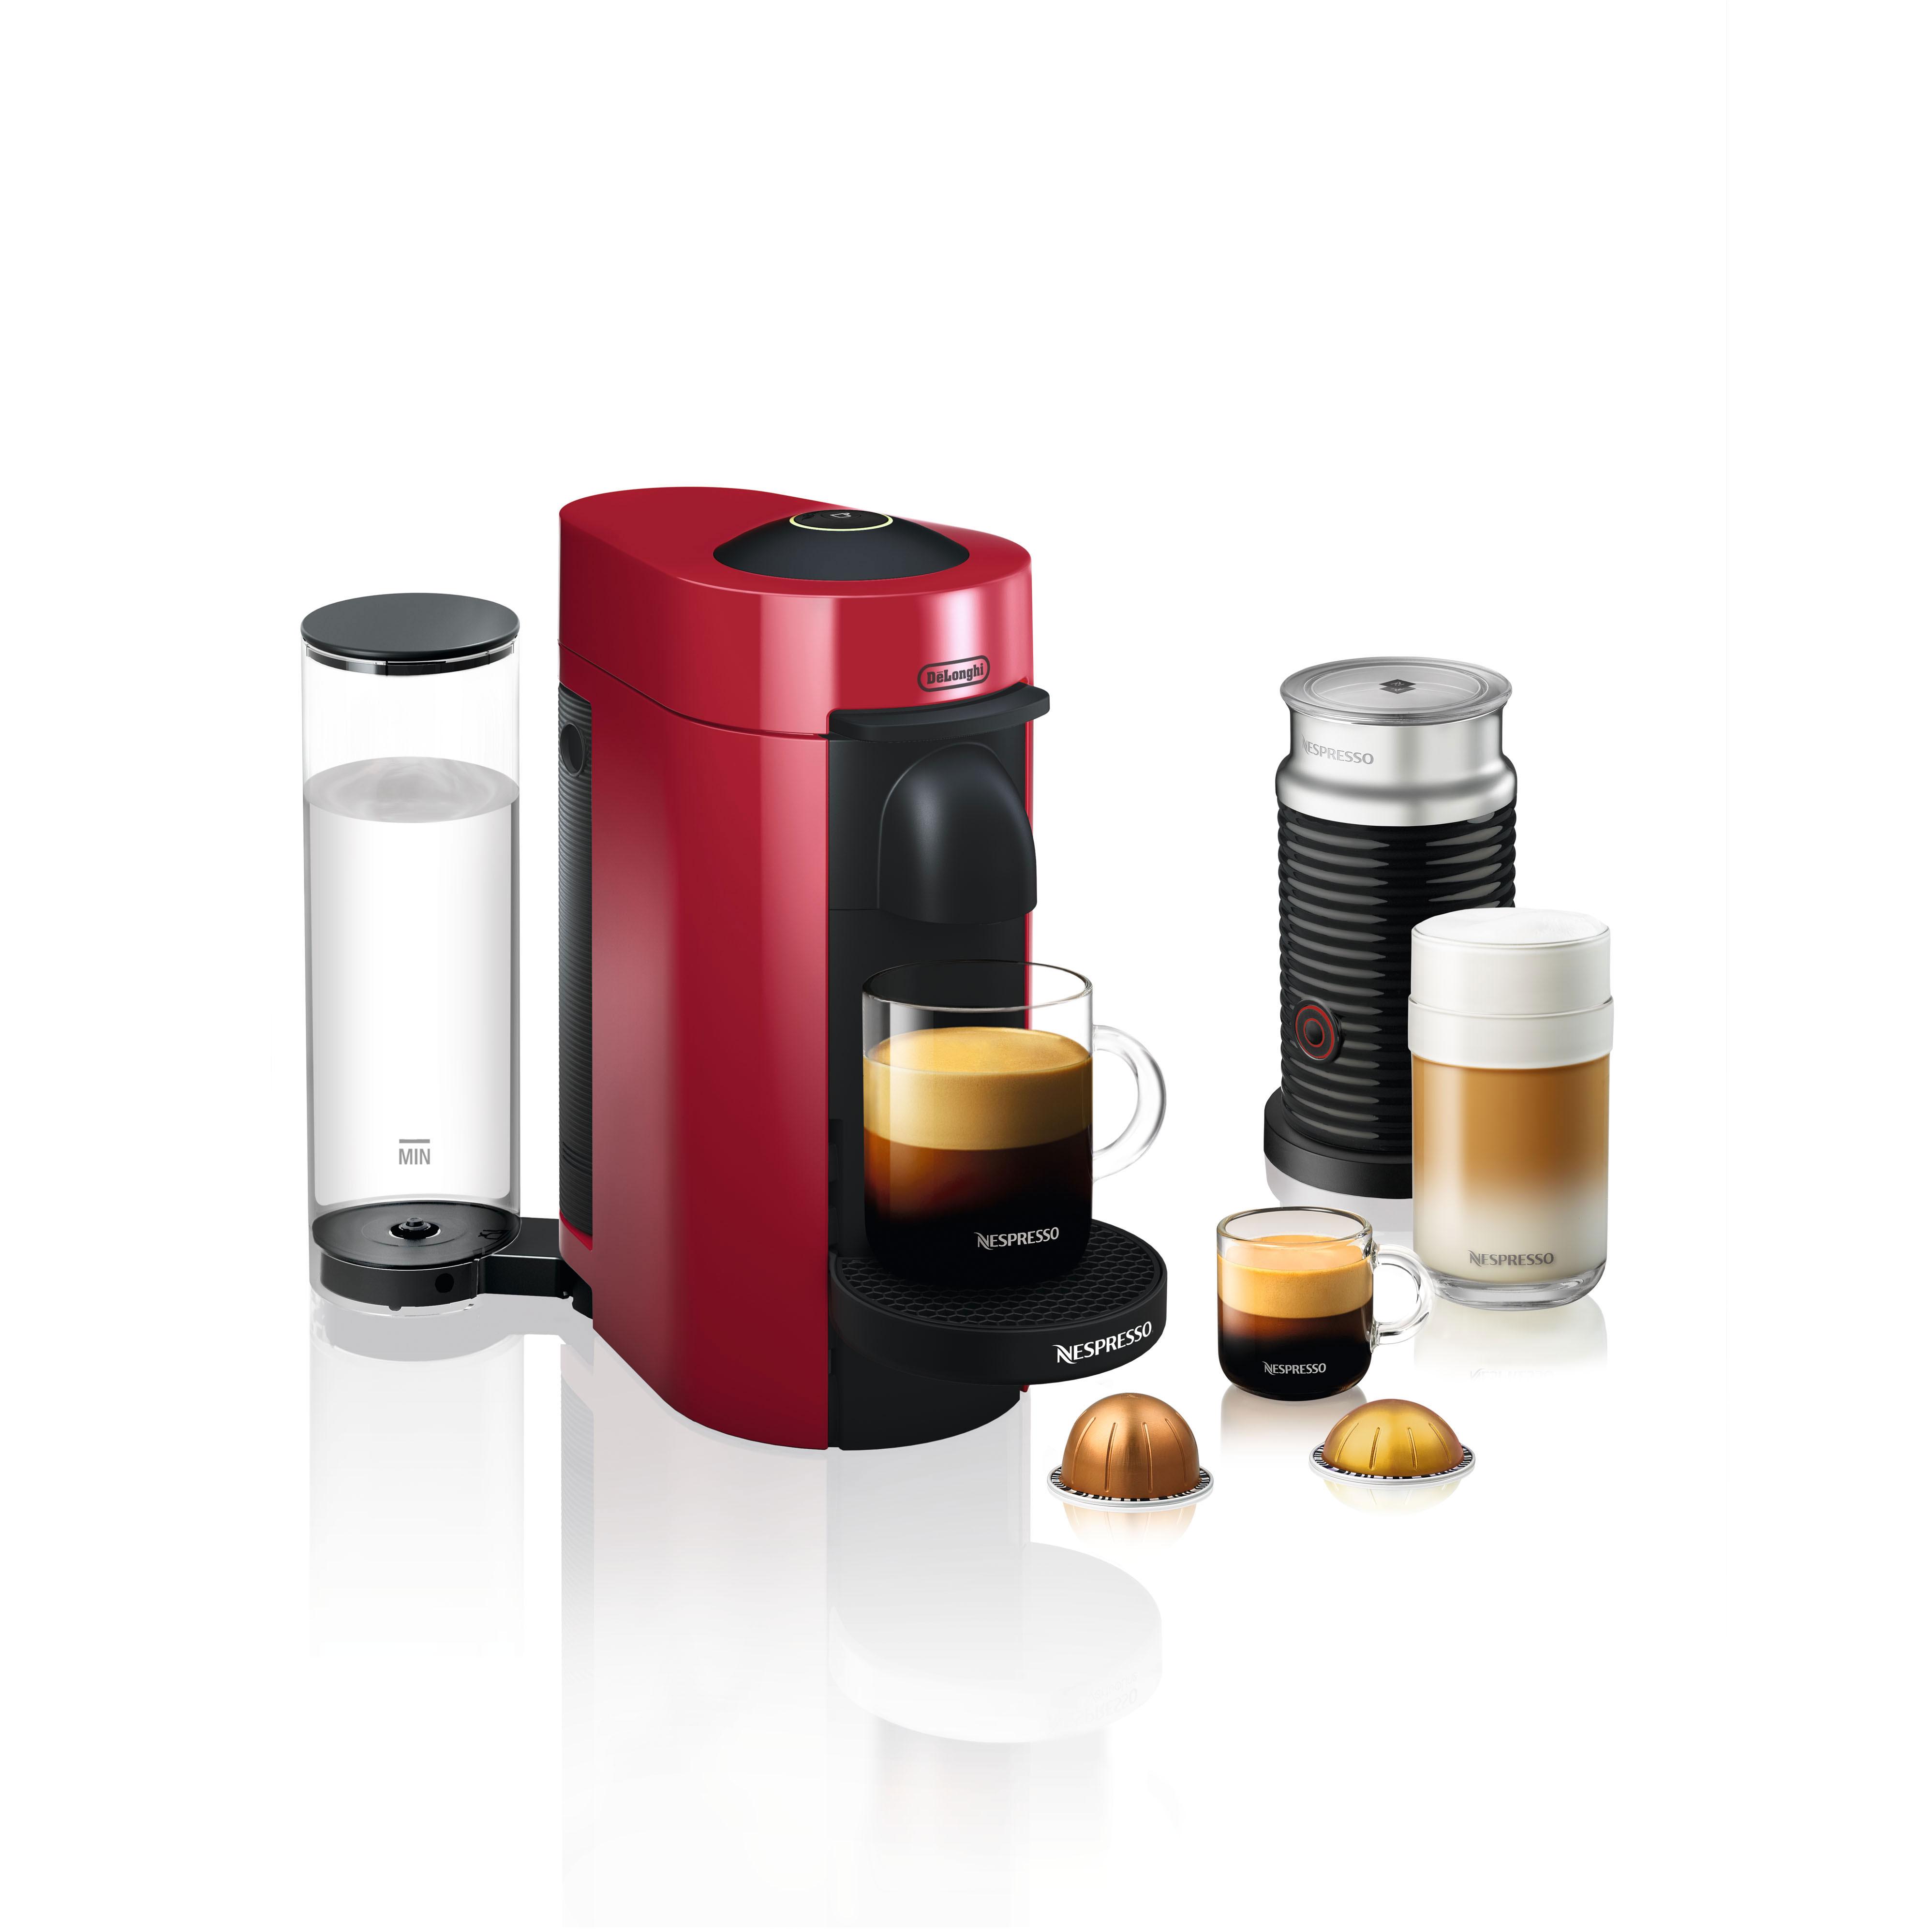 Vertuoline Red Nespresso Capsule Machine with Aeroccino by Breville